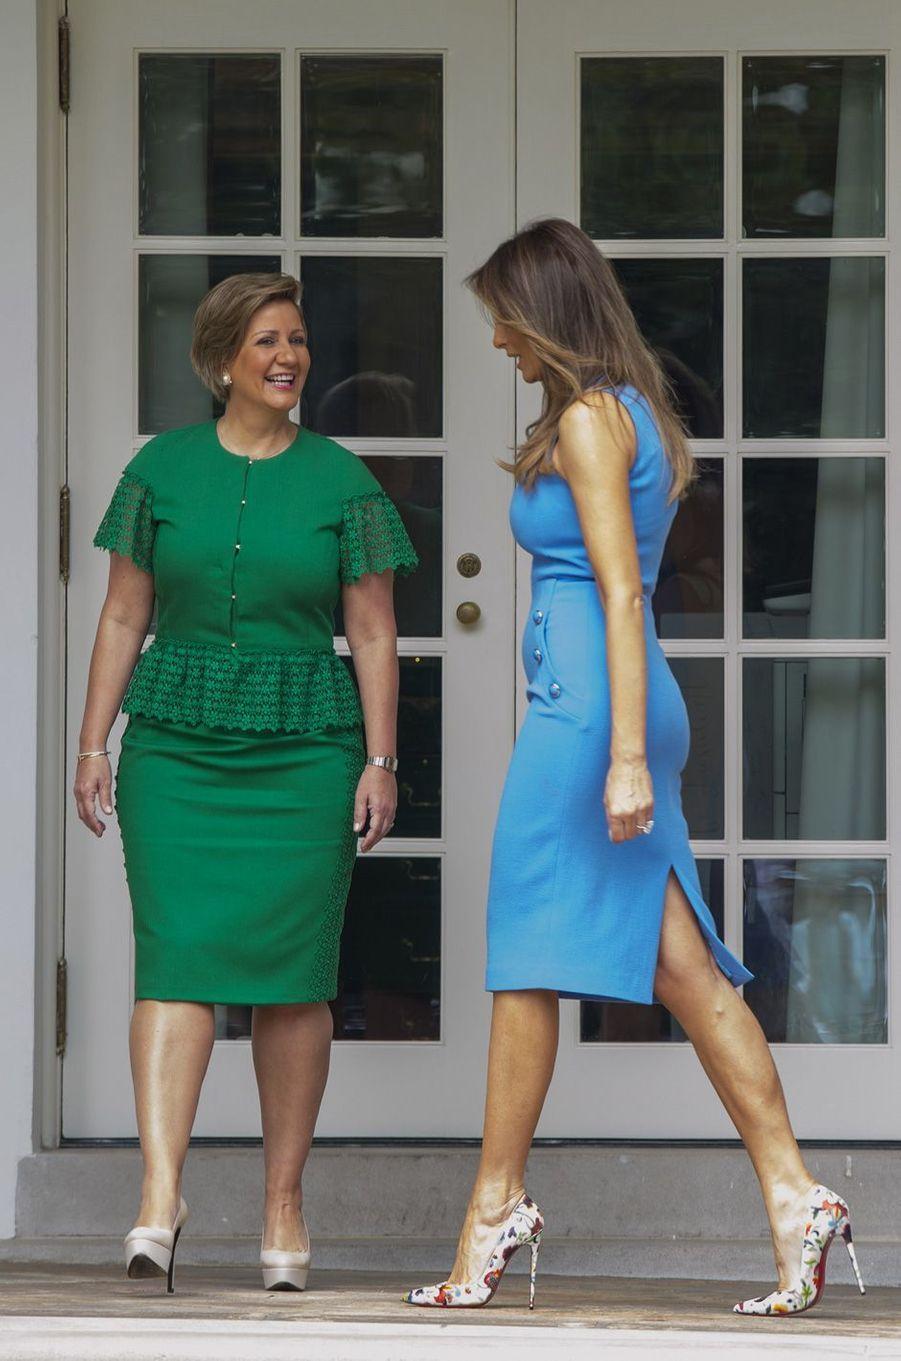 Lorena Castillo de Varela etMelania Trumpà la Maison Blanche, le 19 juin 2017.